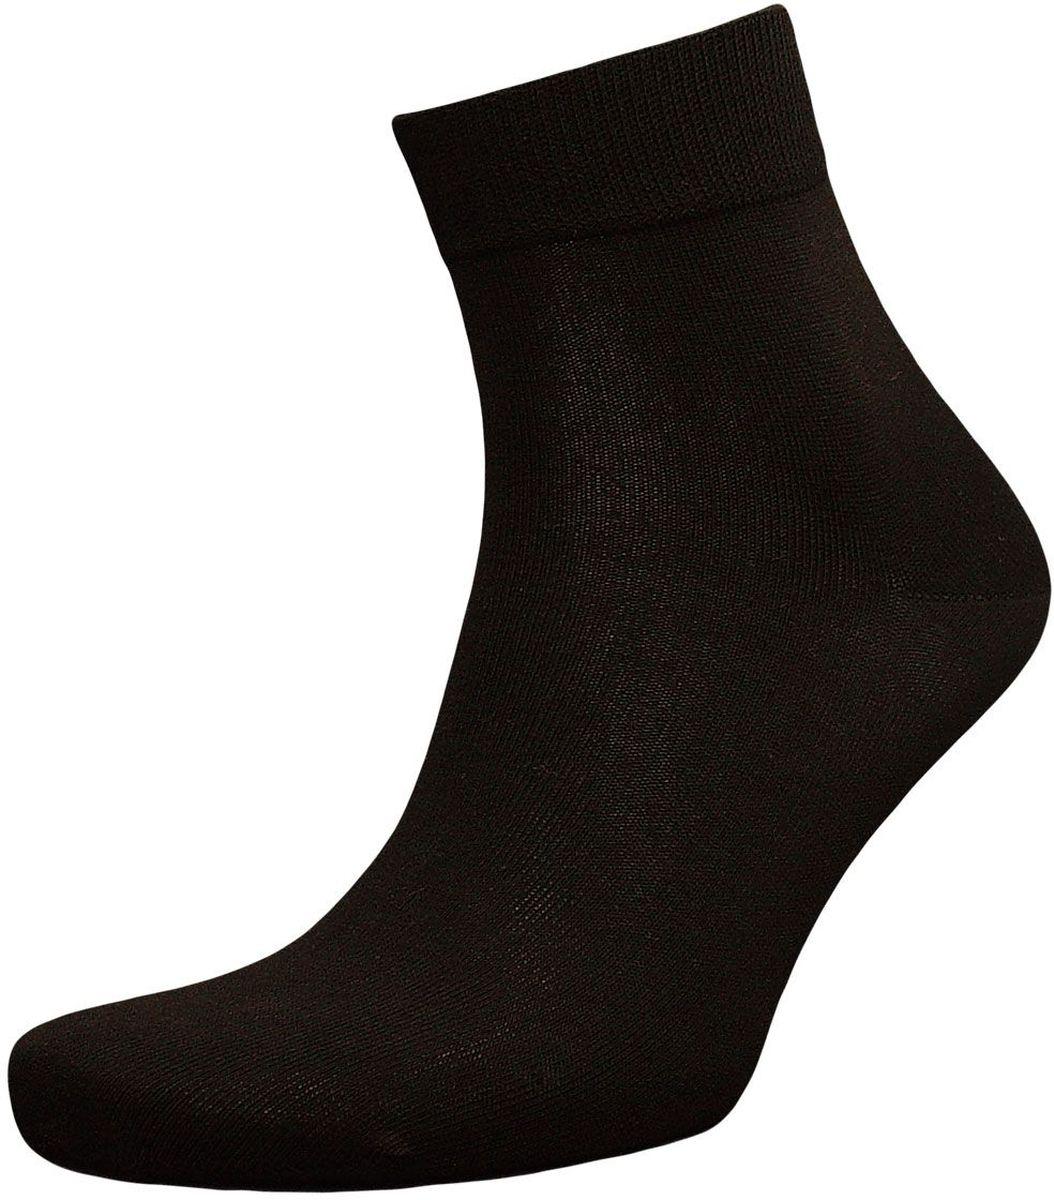 Носки мужские Гранд, цвет: черный, 2 пары. ZC113. Размер 27ZC113Классические мужские носки Гранд выполнены из высококачественного хлопка, для повседневной носки. Укороченные носки имеют кеттельный шов (плоский), усиленные пятку и мысок, анатомическую резинку. Носки долгое время сохраняют форму и цвет, а так же обладают антибактериальными и терморегулирующими свойствами.